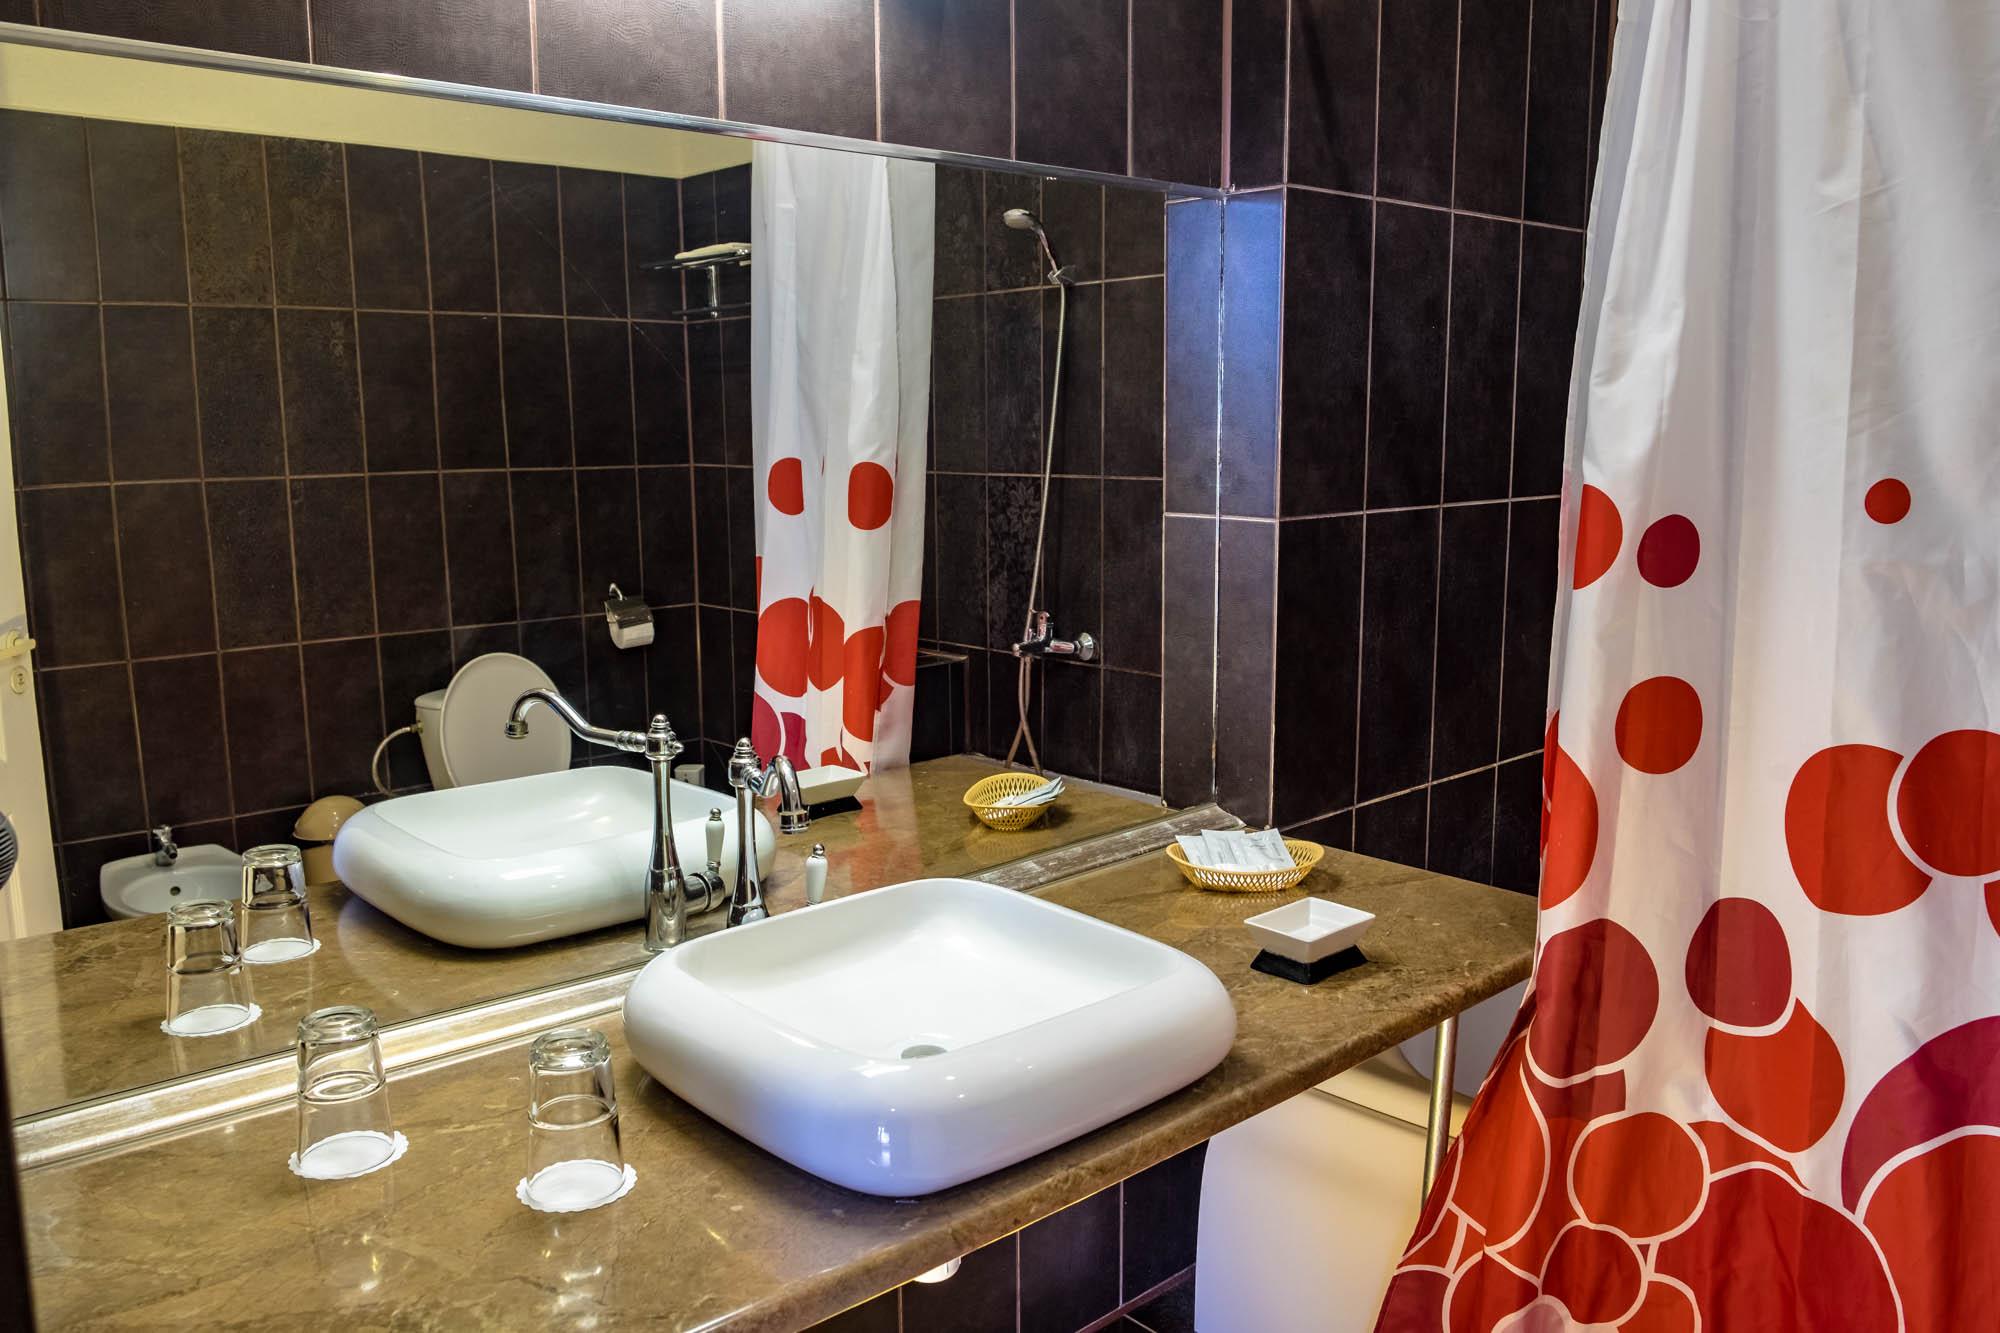 Акватория отель, Aquatoria hotel, 6 номер